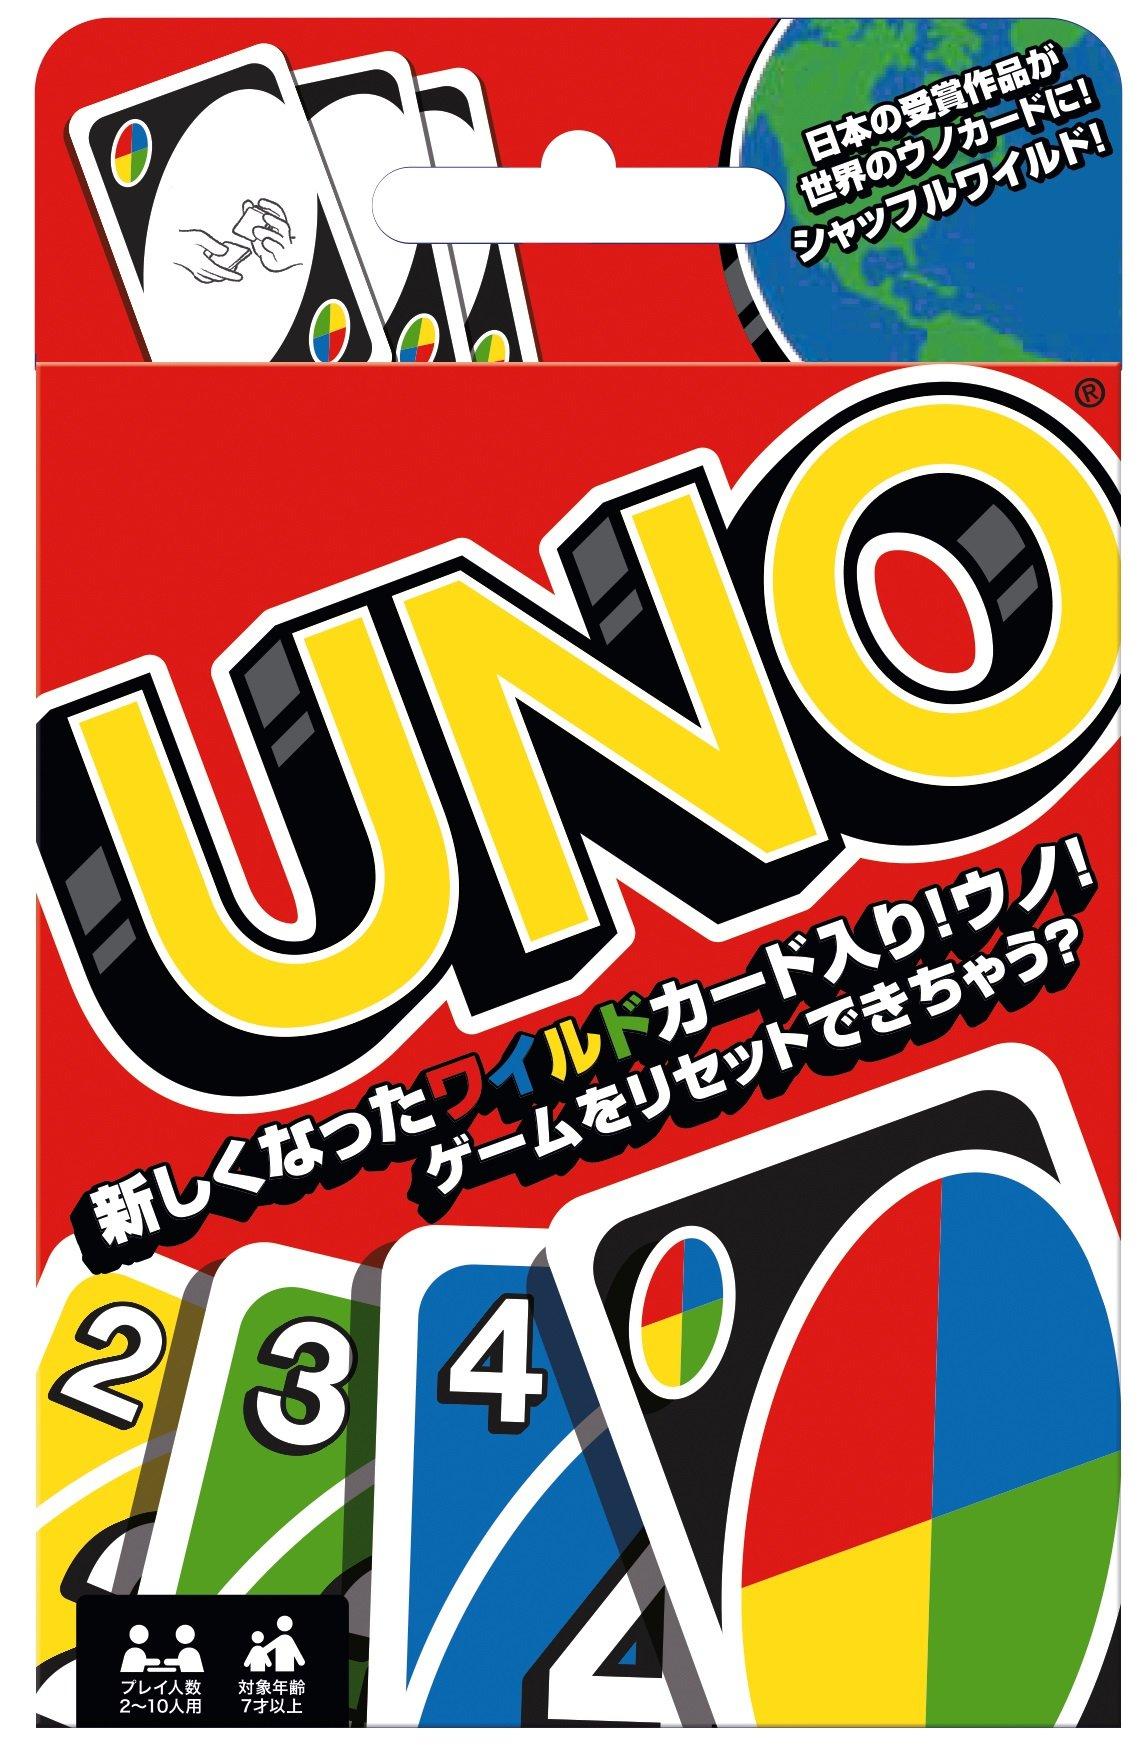 ウノ UNO カードゲーム B7696 product image